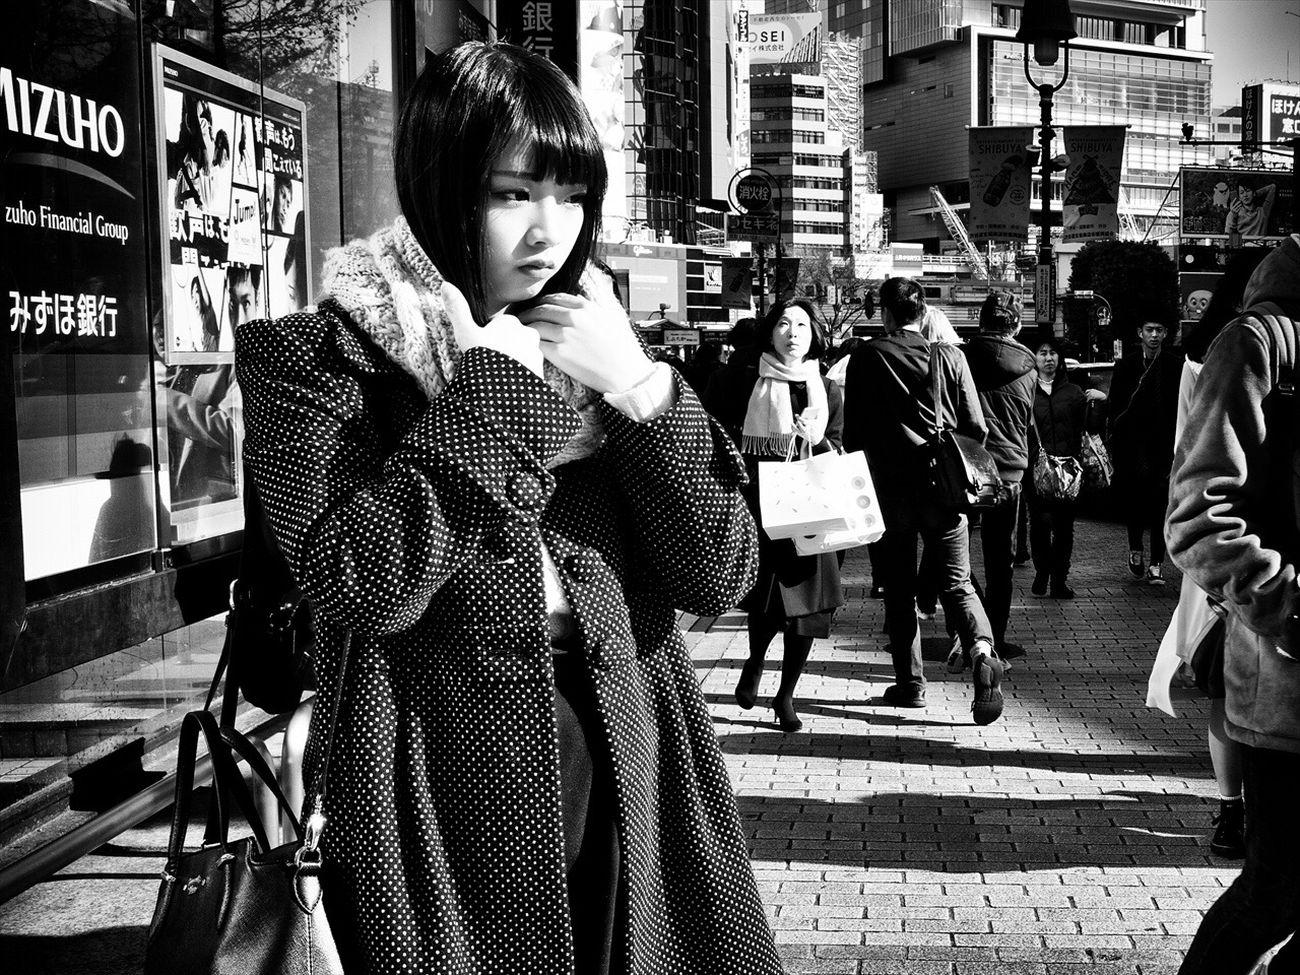 トーキョー・ブルース ~Tokyo Blues~ 渋谷 Shibuya # Tokyo Streetphotography Streetphotographers Streetphotographer Streetphoto_bw Streetphoto Street Sting_the_street SHINJYUKU Shibuya